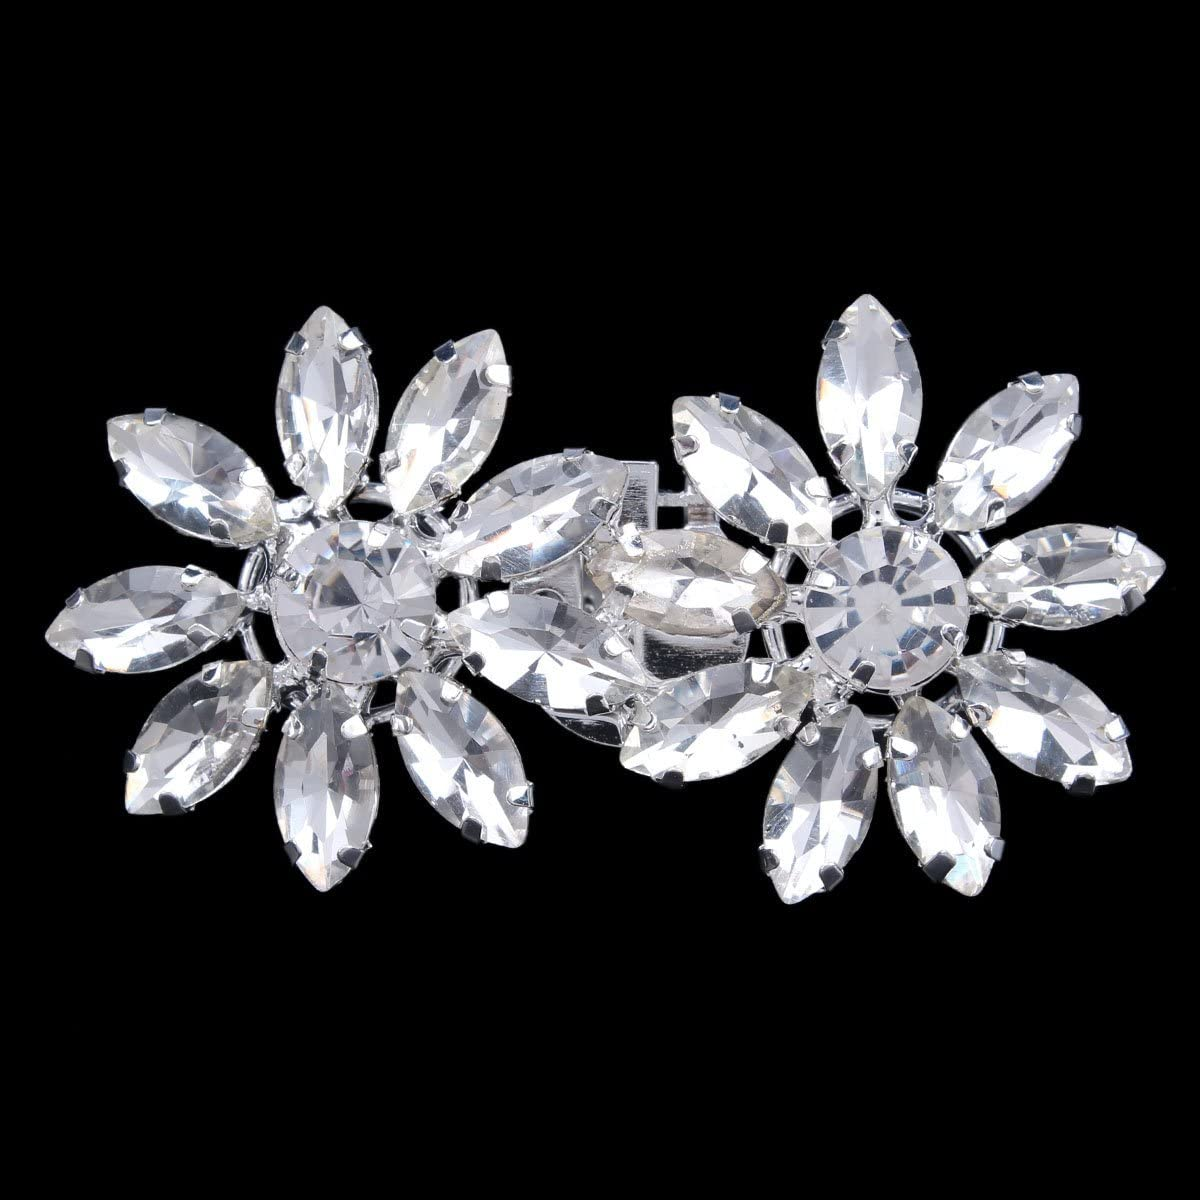 Clips Santfe con coloridos diamantes de imitaci/ón para decoraci/ón de zapatos de fiesta o boda